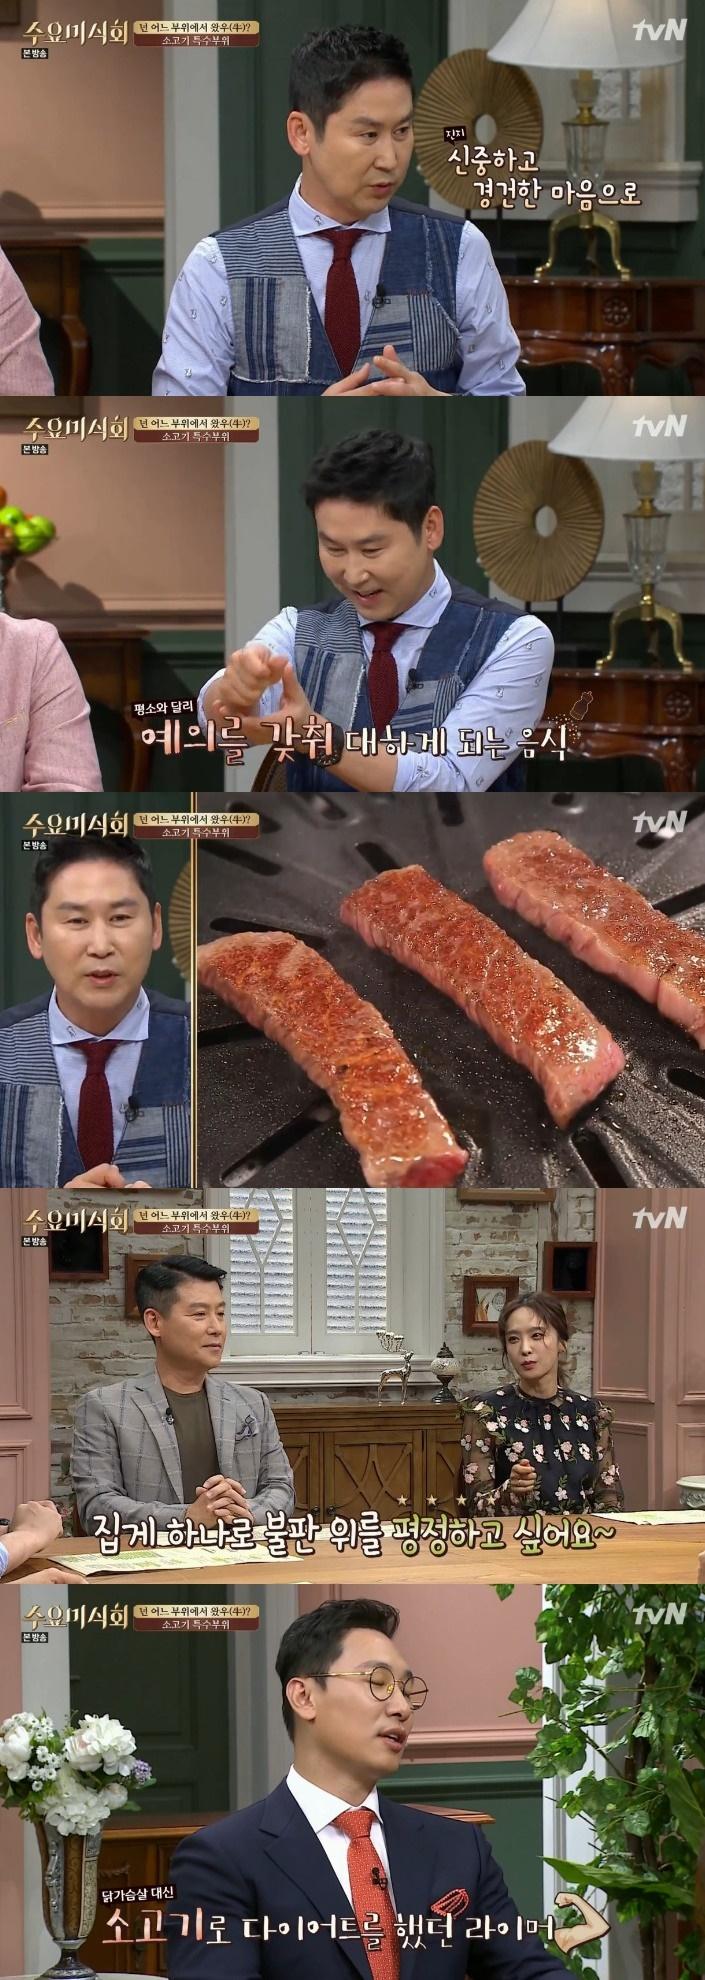 """'수요미식회' 신동엽 """"소고기 특수부위 구울 땐 두손으로 경건하게"""""""